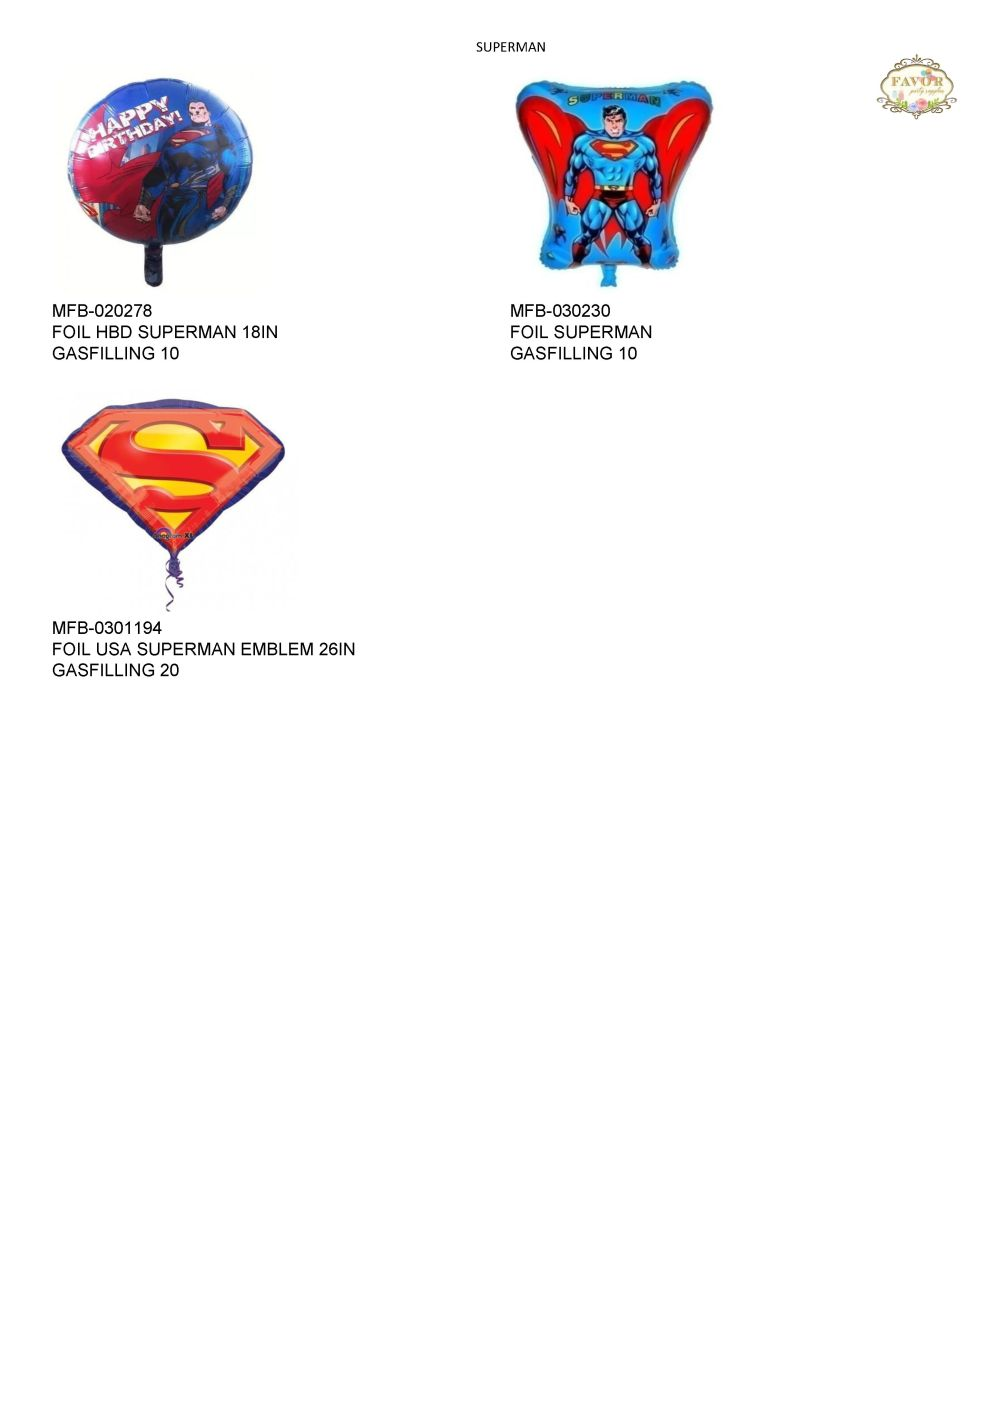 katalog superman.jpg